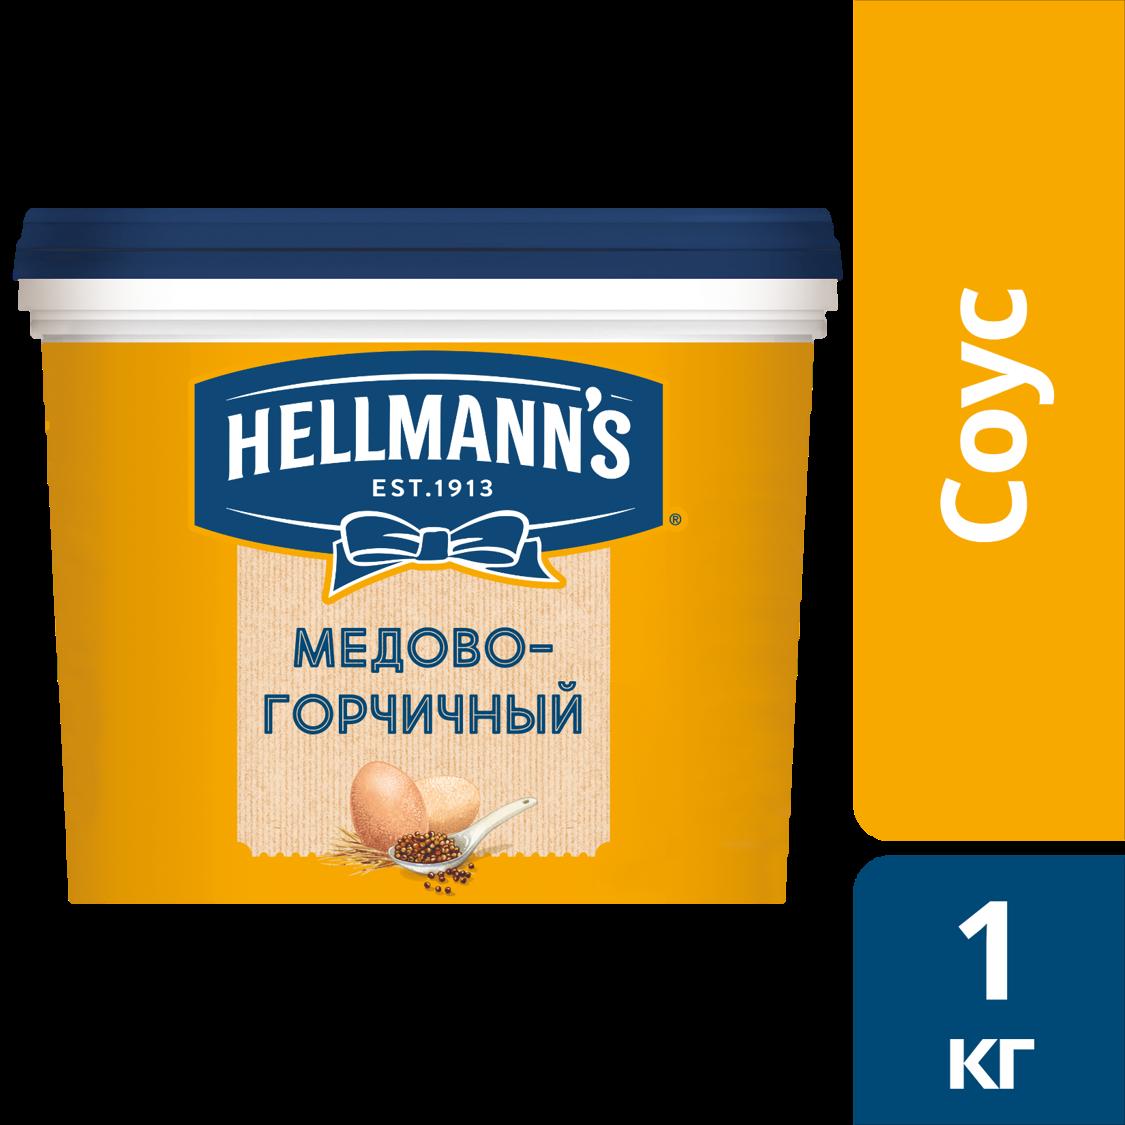 HELLMANN'S Соус Медово-горчичный (1кг)